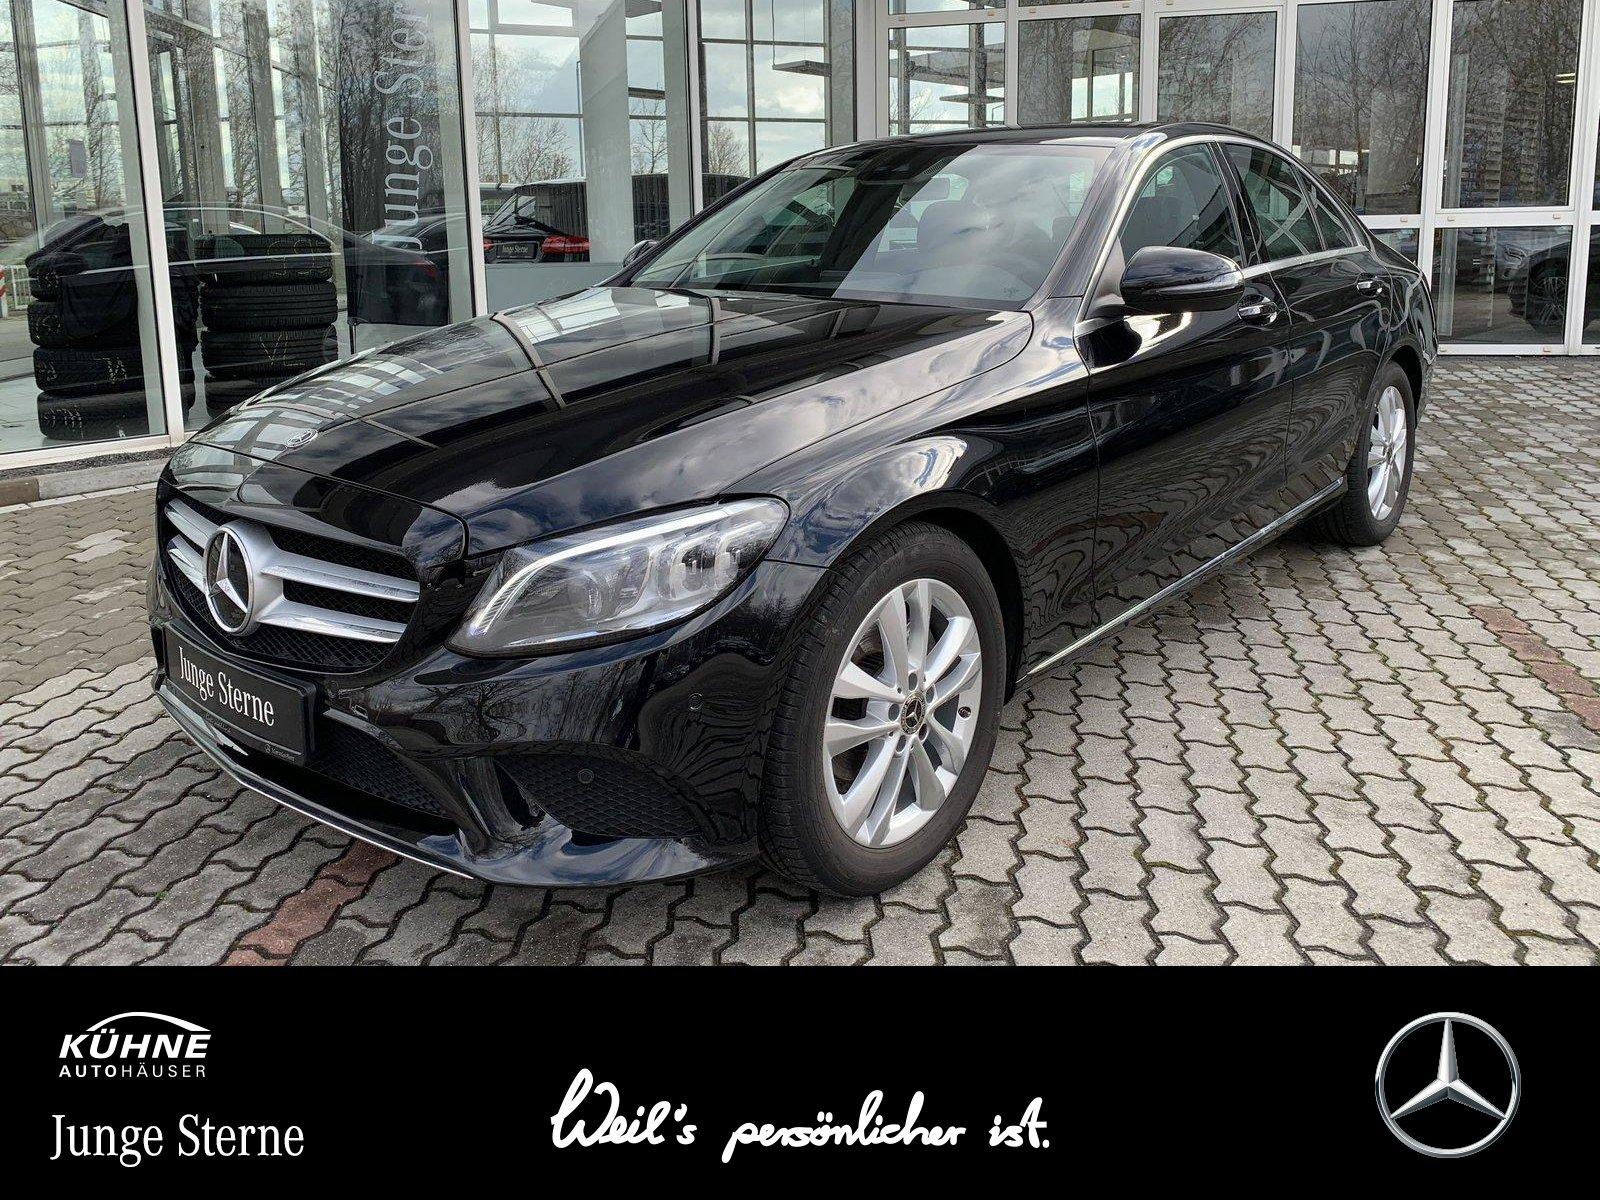 Mercedes-Benz C 180 Avantgarde 9G+BusinessPlus+Multibeam+High, Jahr 2019, Benzin